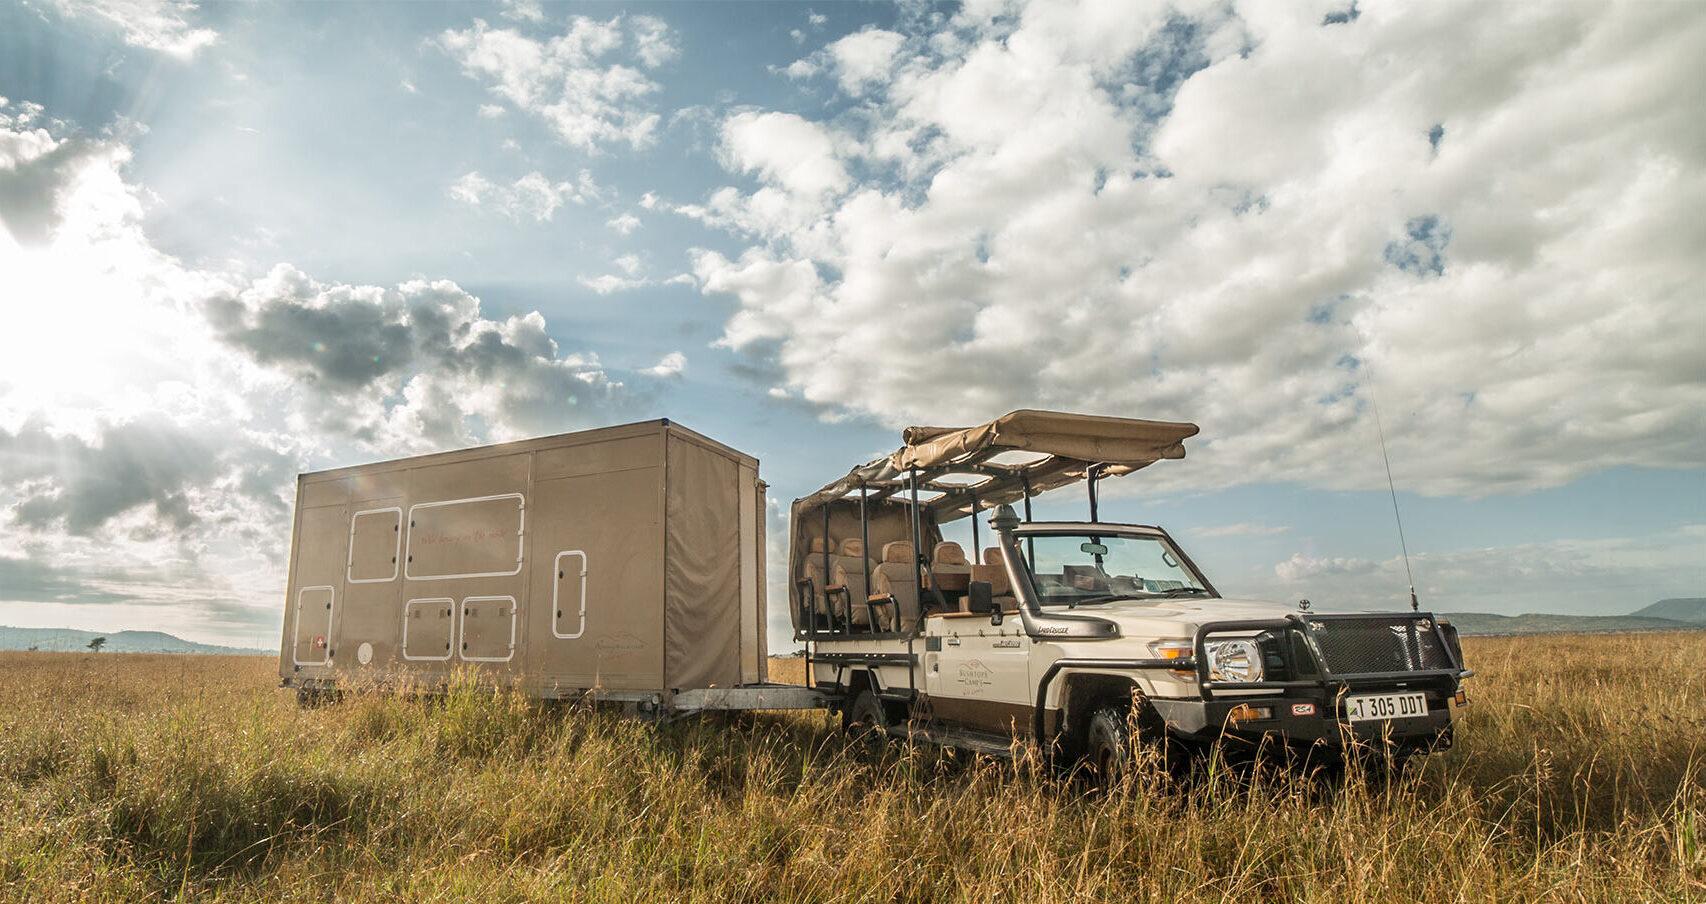 Roving Bushtops rover on trailer